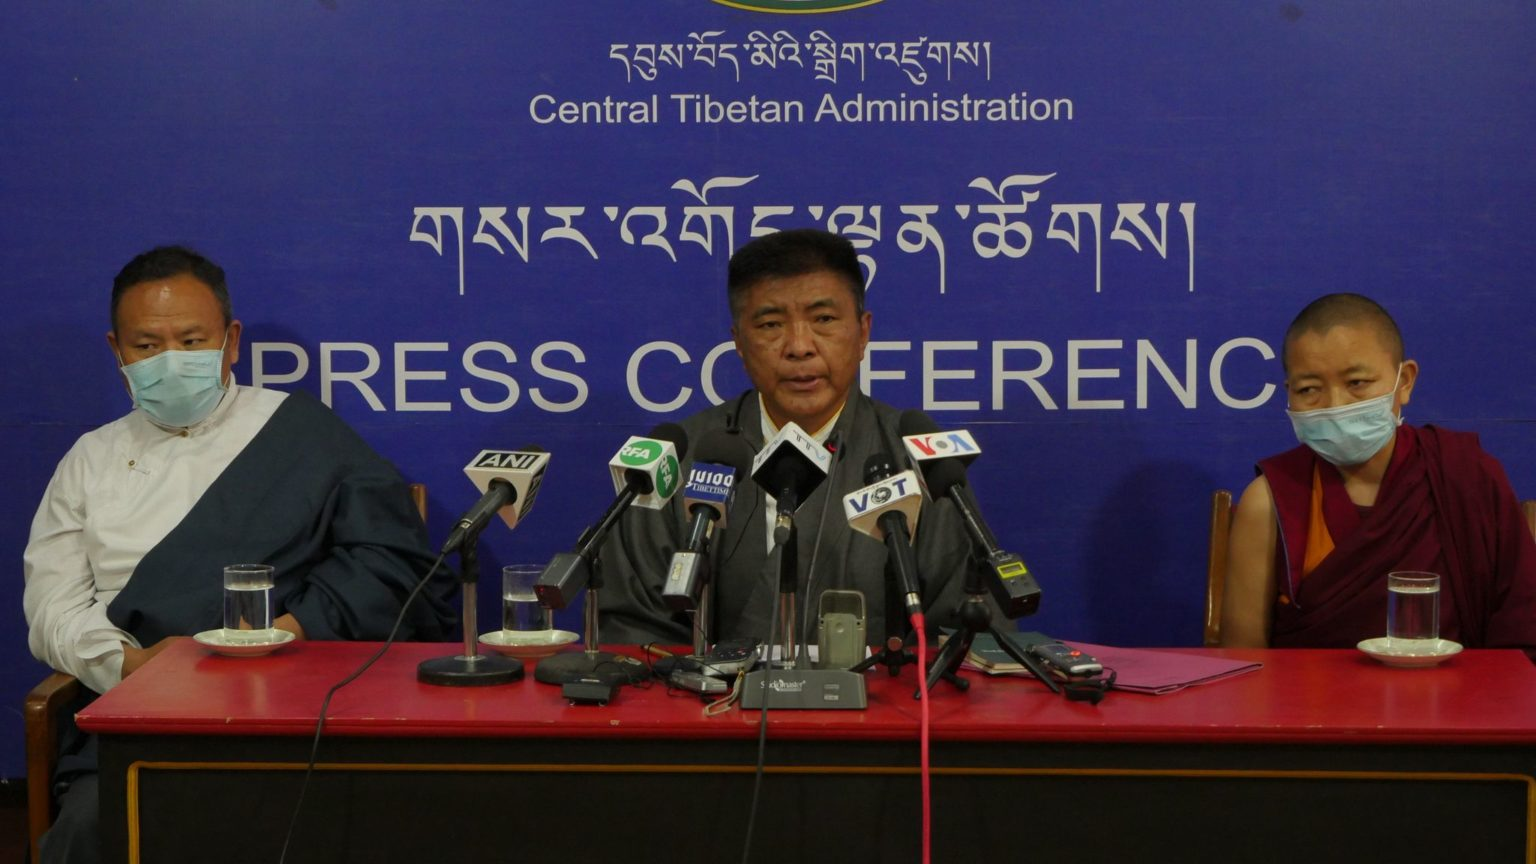 藏人行政中央选举事务署公布流亡藏人候选名单